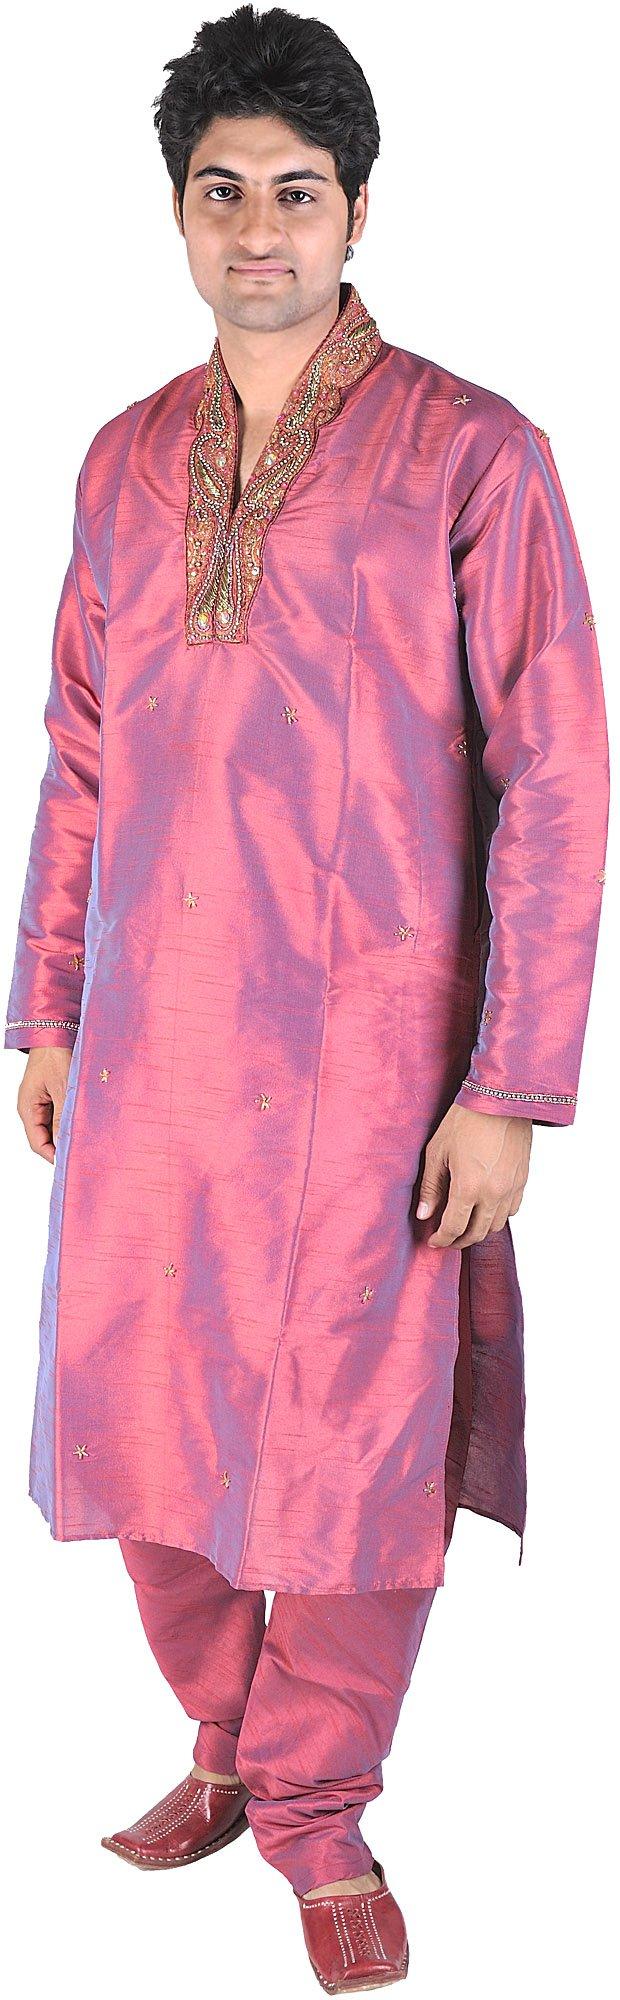 Exotic India Crimson-Red Wedding Kurta Pajama with Sequ Size 40